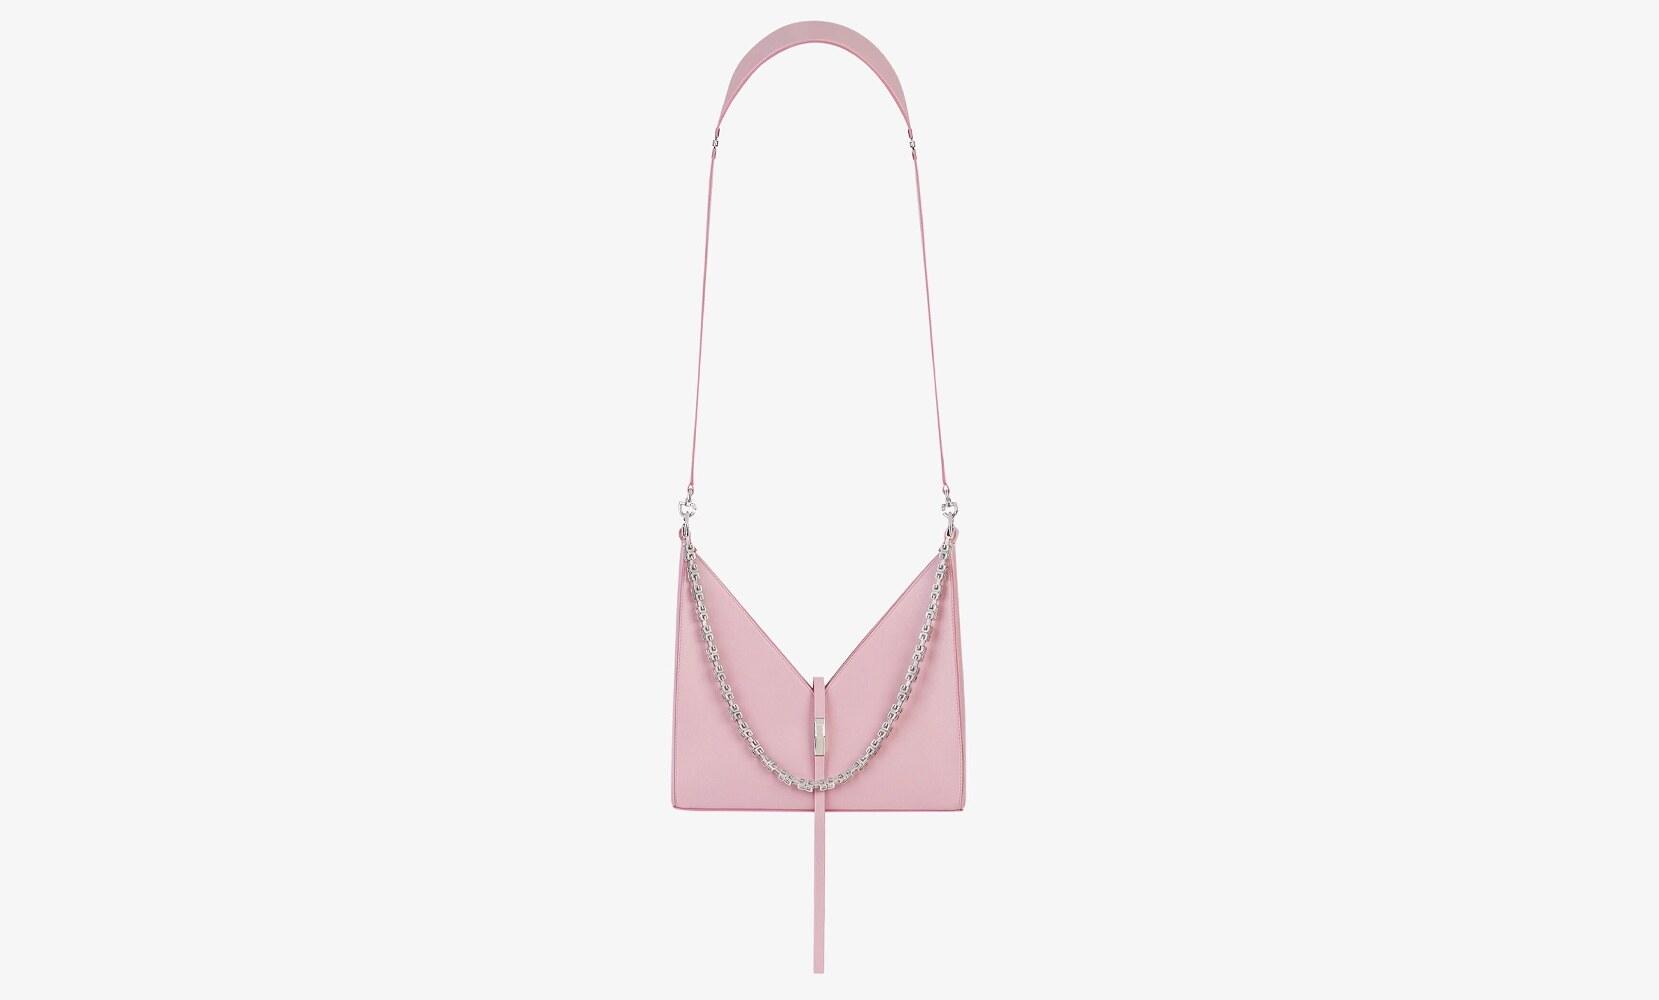 Givenchy borsa cut out piccola di belle con catena